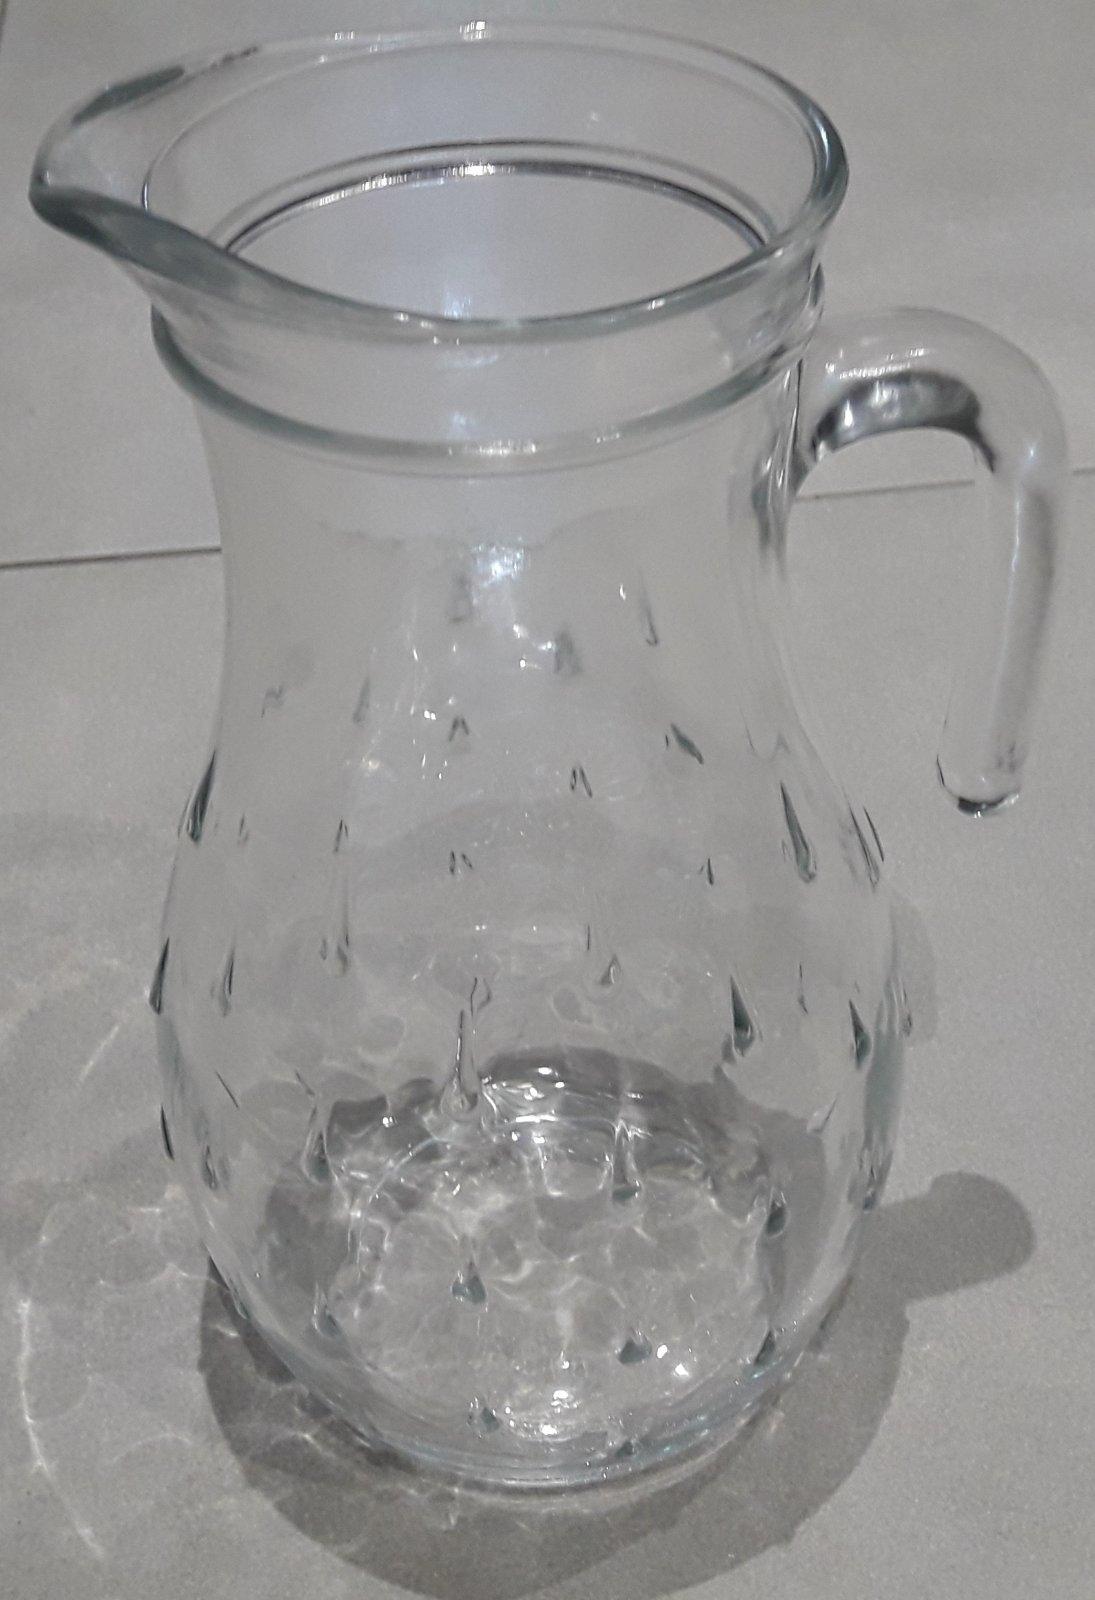 Sklenený ďžbán a poháre na víno alebo vodu - Obrázok č. 2